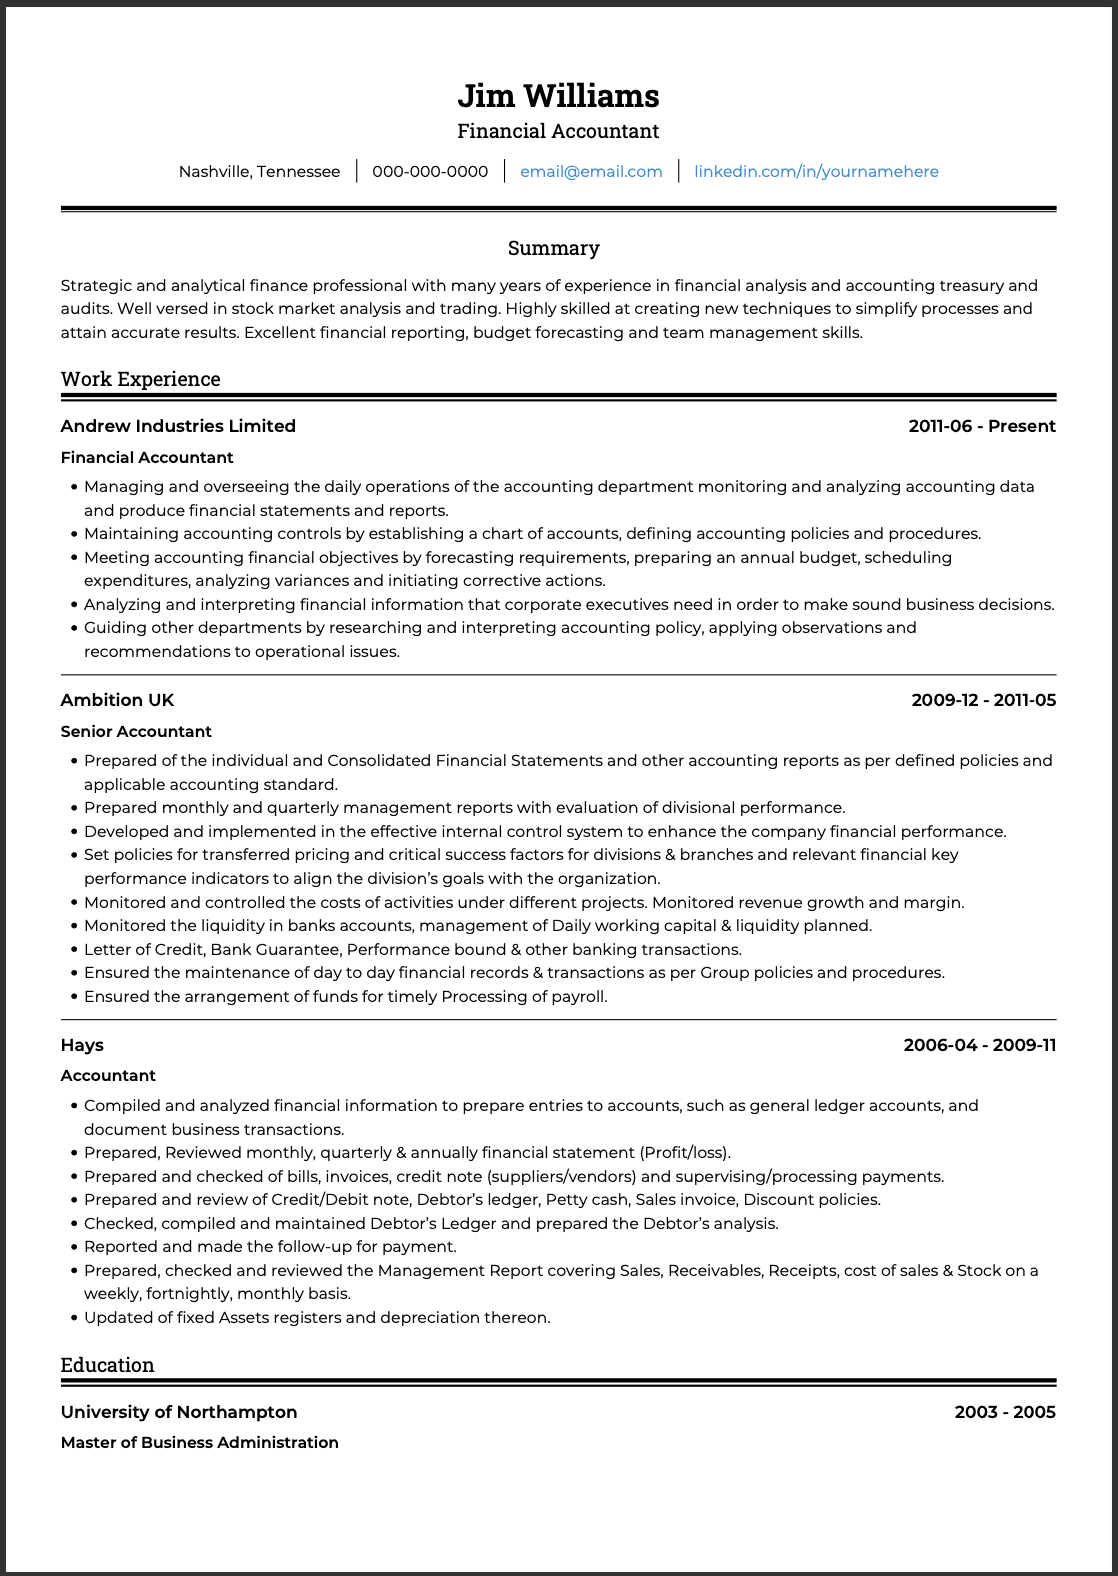 resume-basics-ats-example